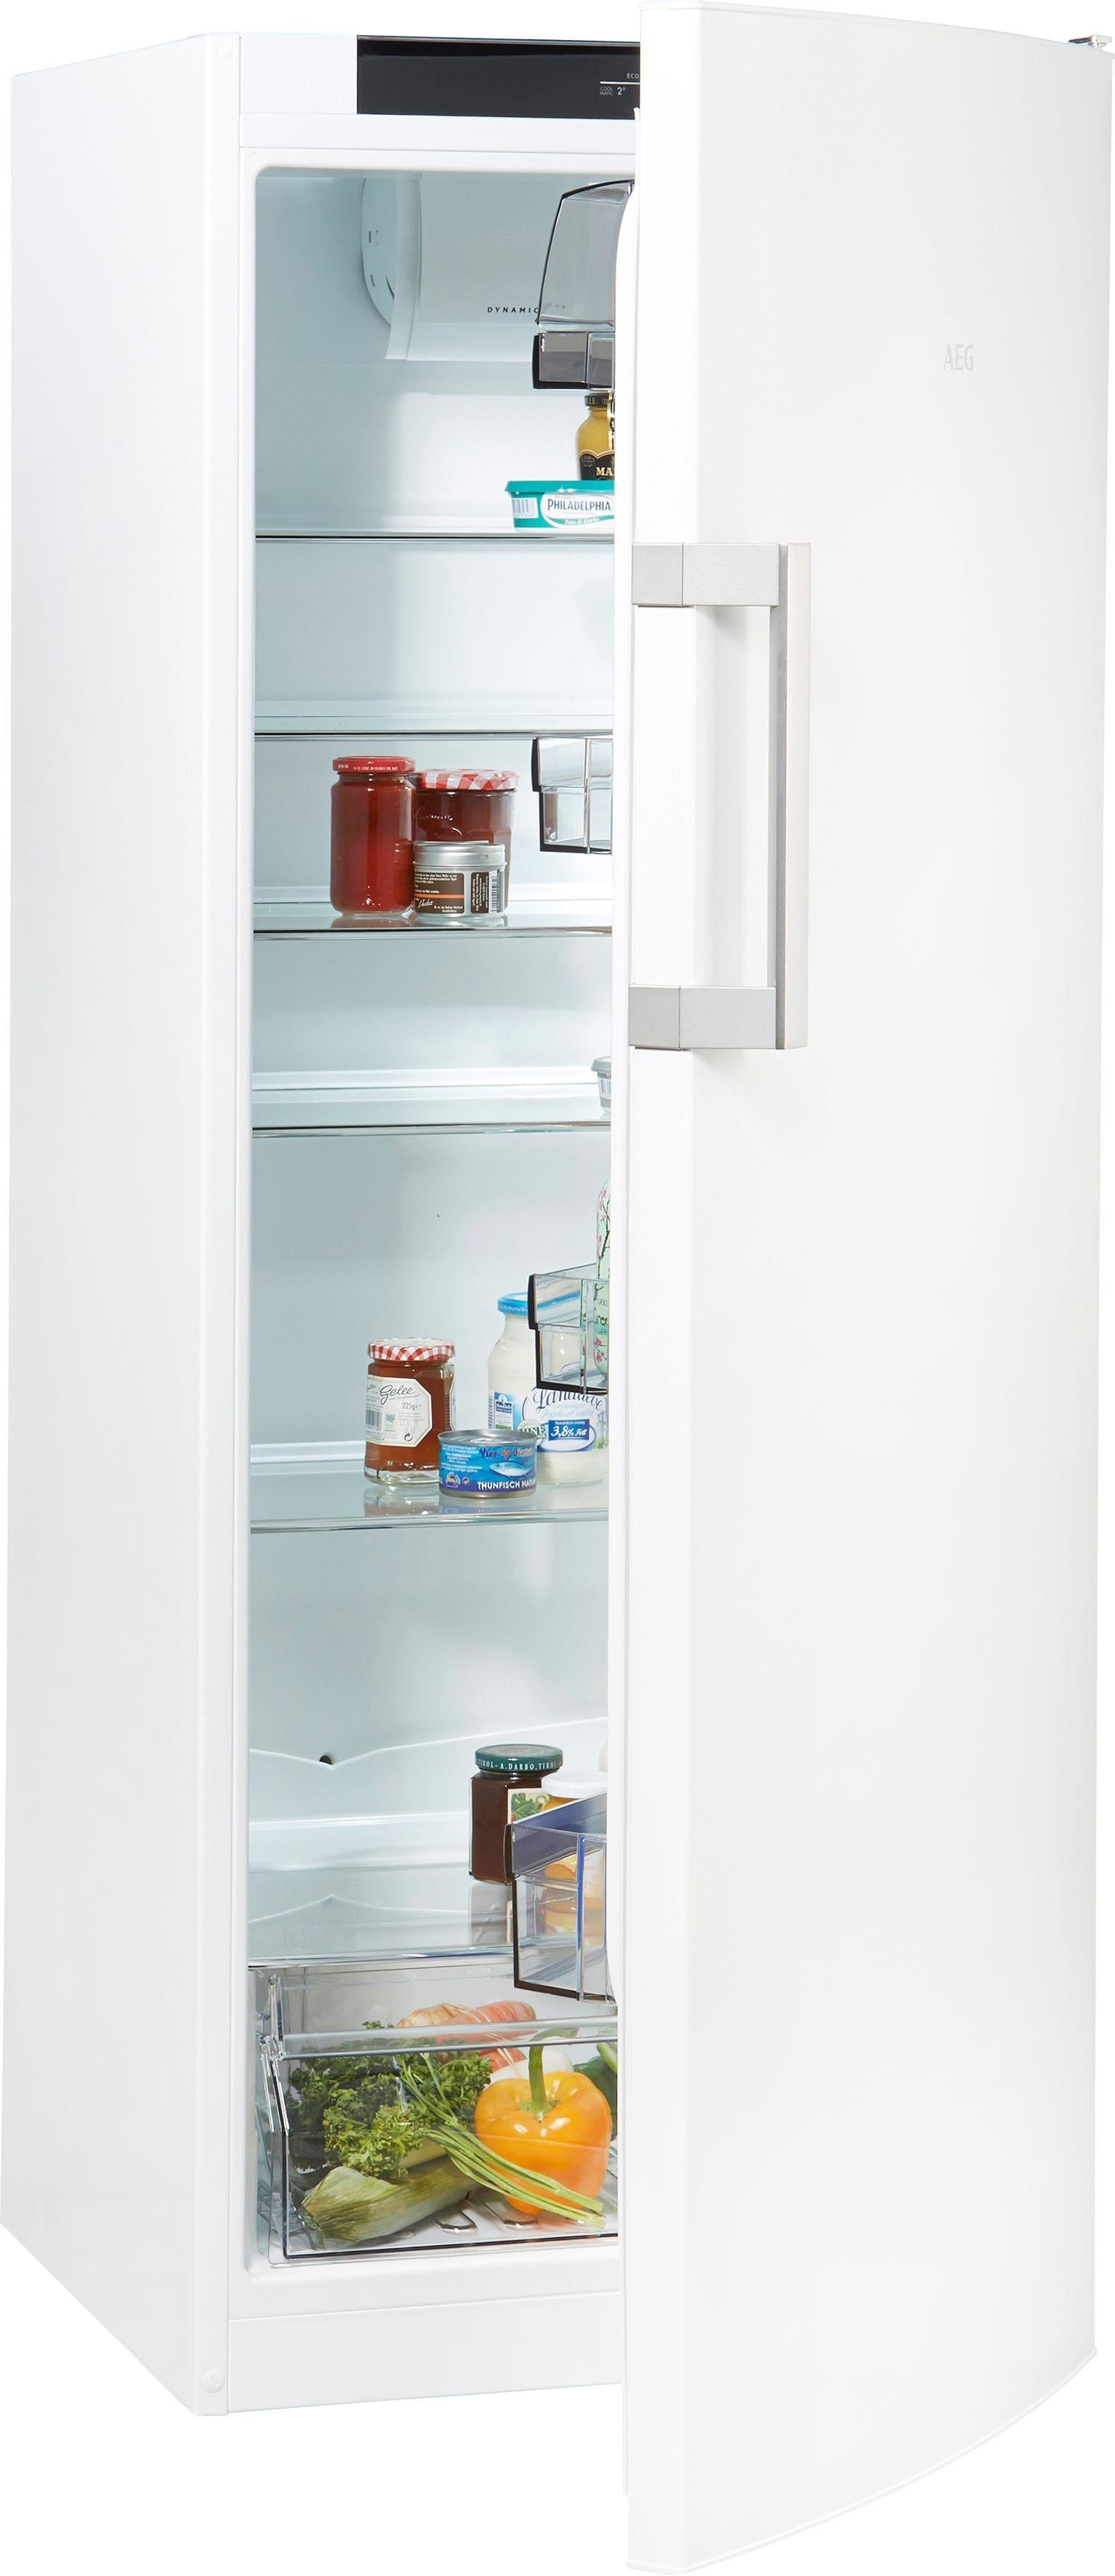 Exquisit Kühlschrank Preisvergleich • Die besten Angebote online kaufen